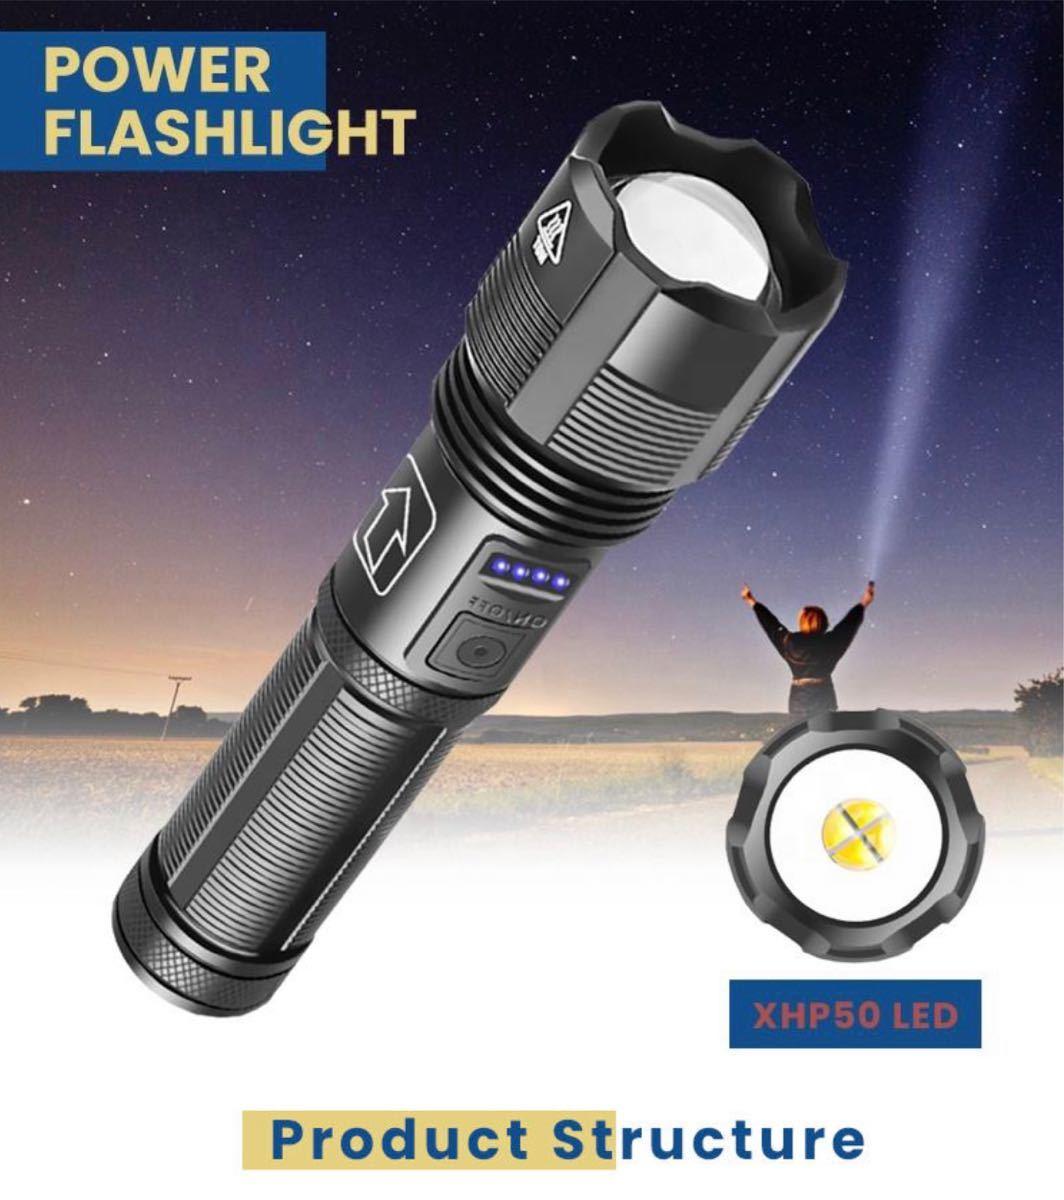 最新LED XHP50!超強力・高輝度タクティカルハンディライト・ランタン 懐中電灯1※バッテリー付属しません。充電式 アウトドア